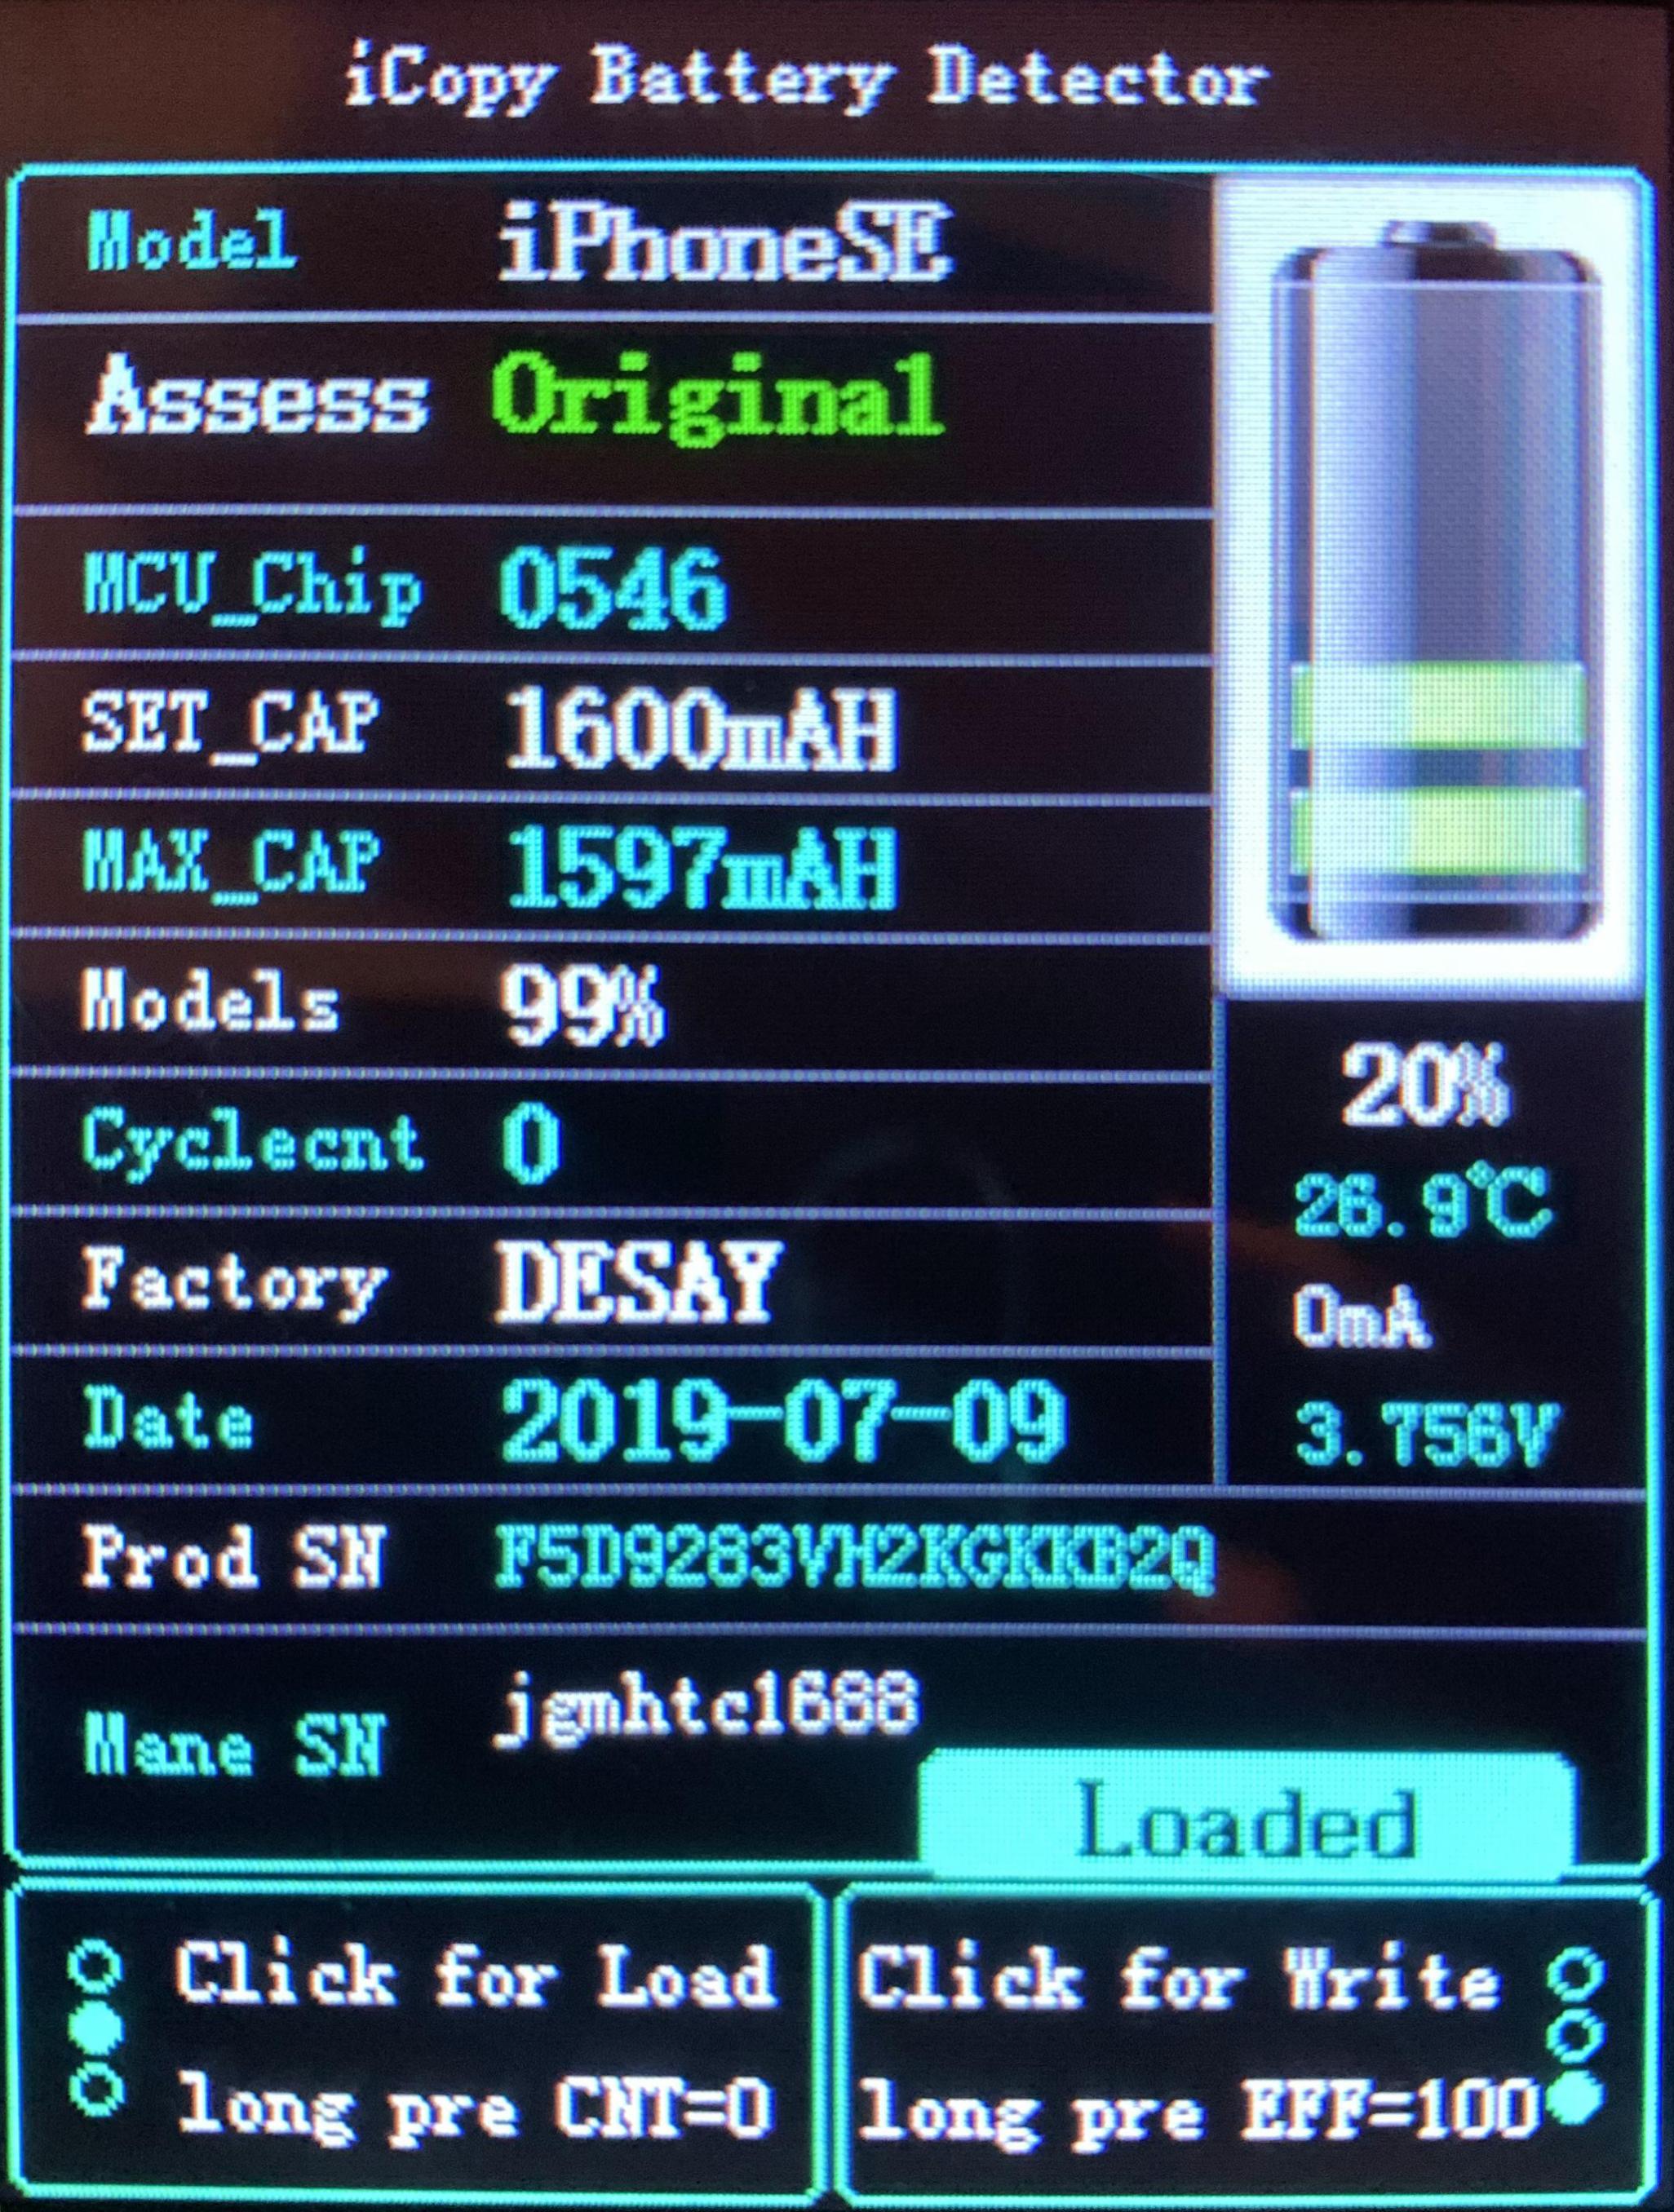 Výstup z programu Qianli pro originílní baterii iPhone SE